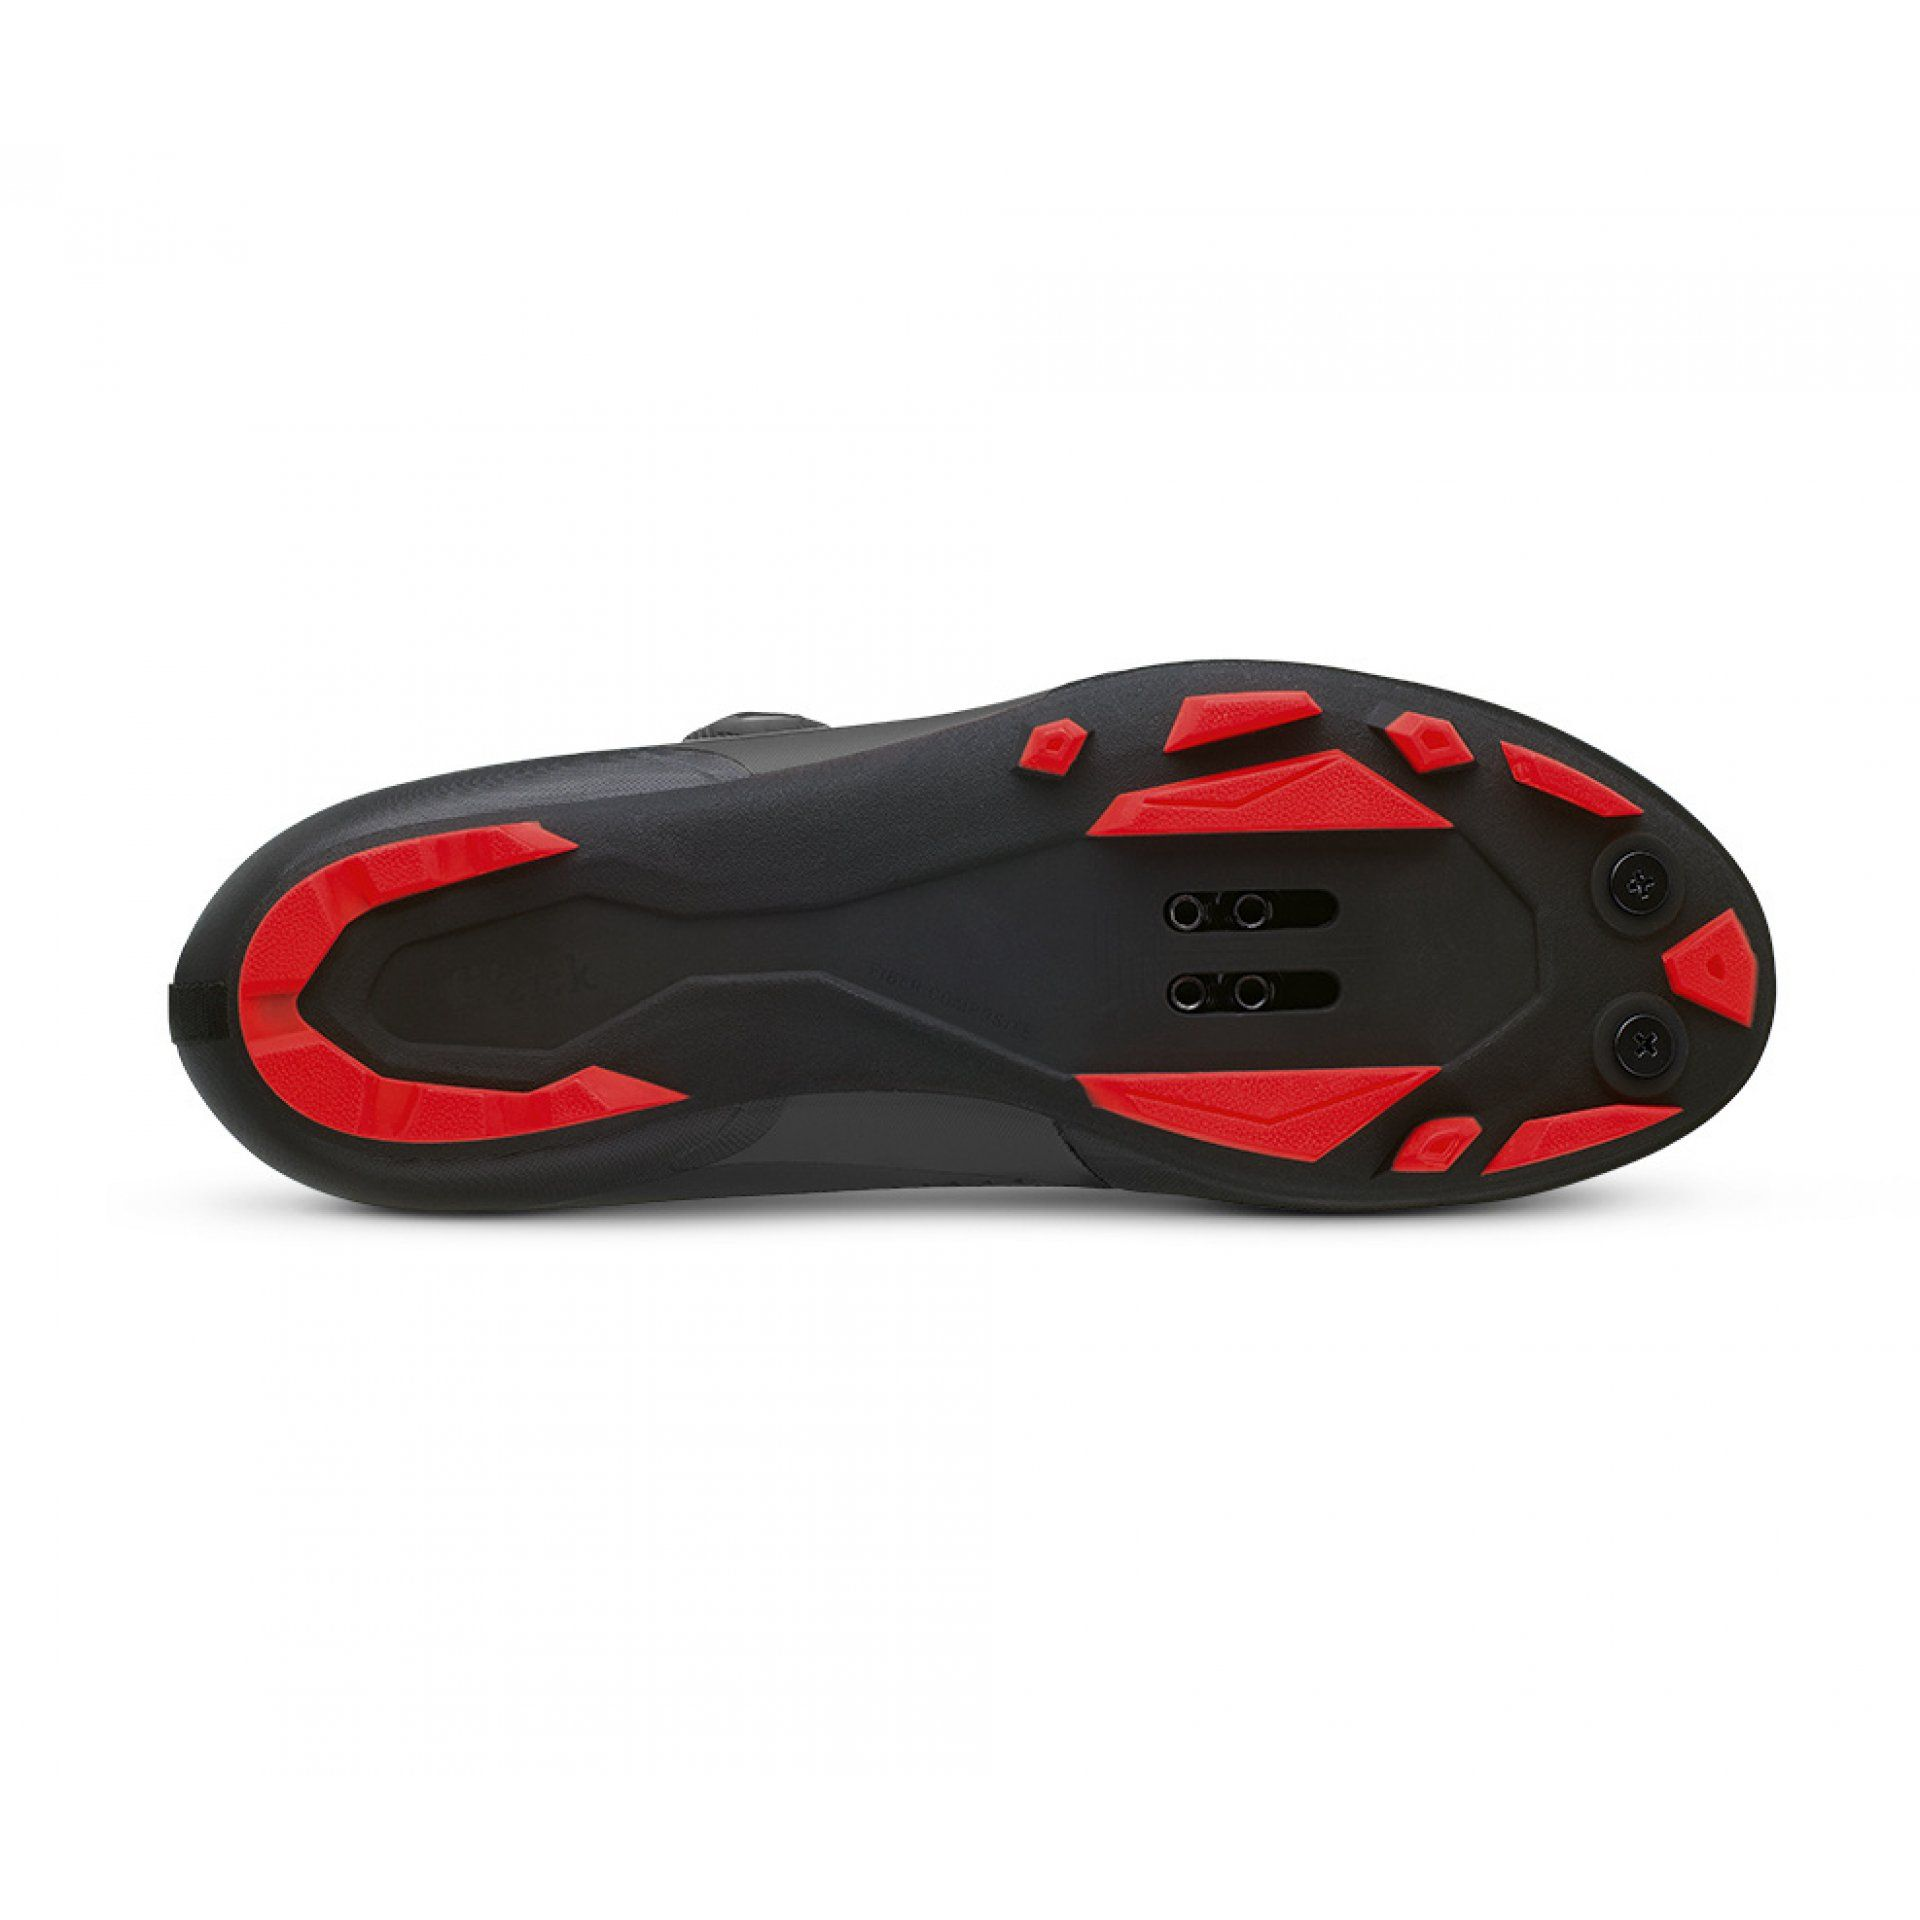 BUTY ROWEROWE FIZIK TERRA X5 1030 BLACK|RED PODESZWA